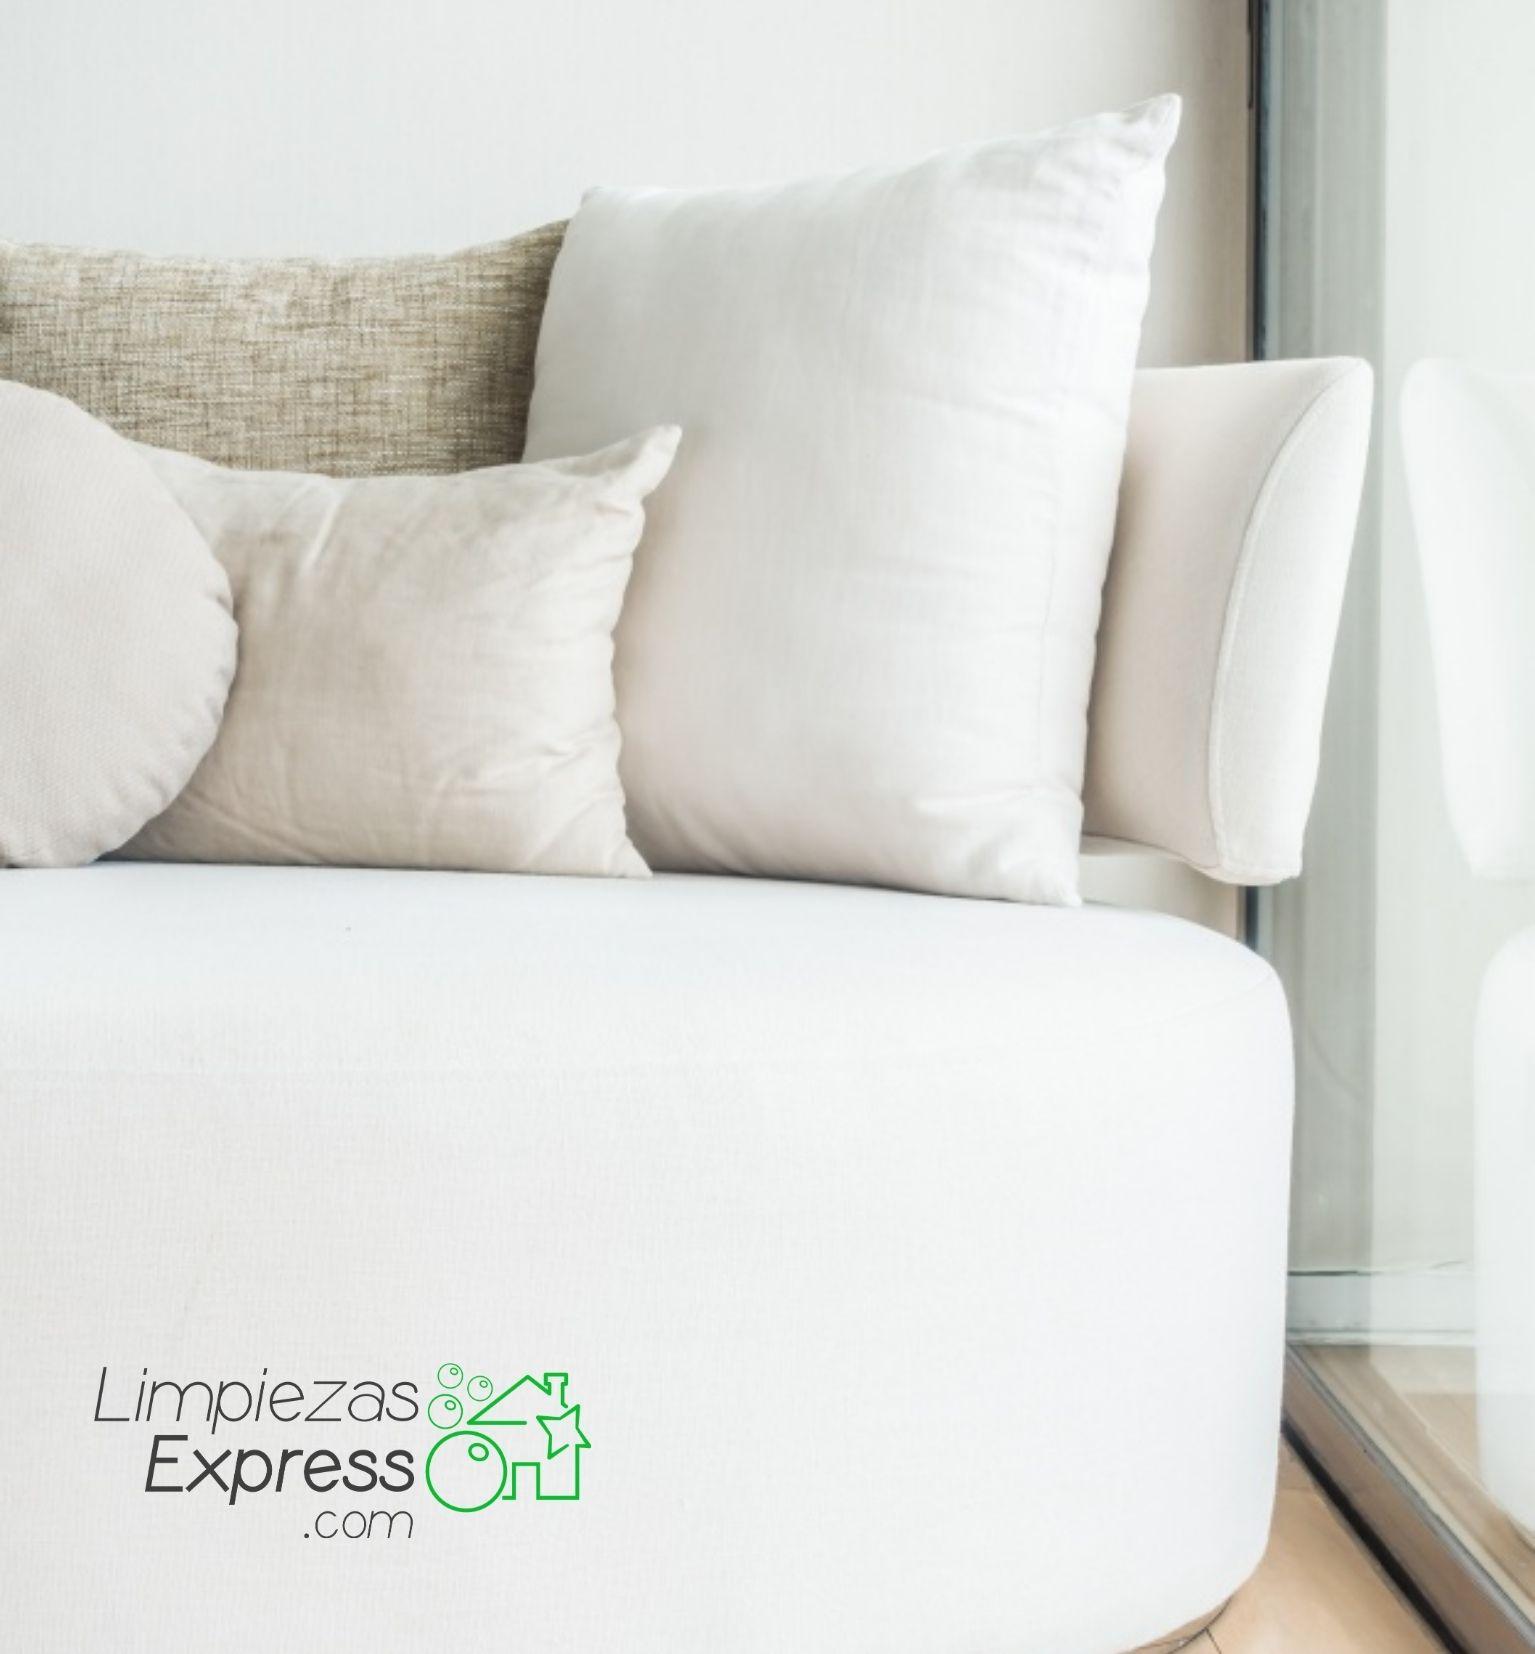 profesionales en la limpieza de textiles